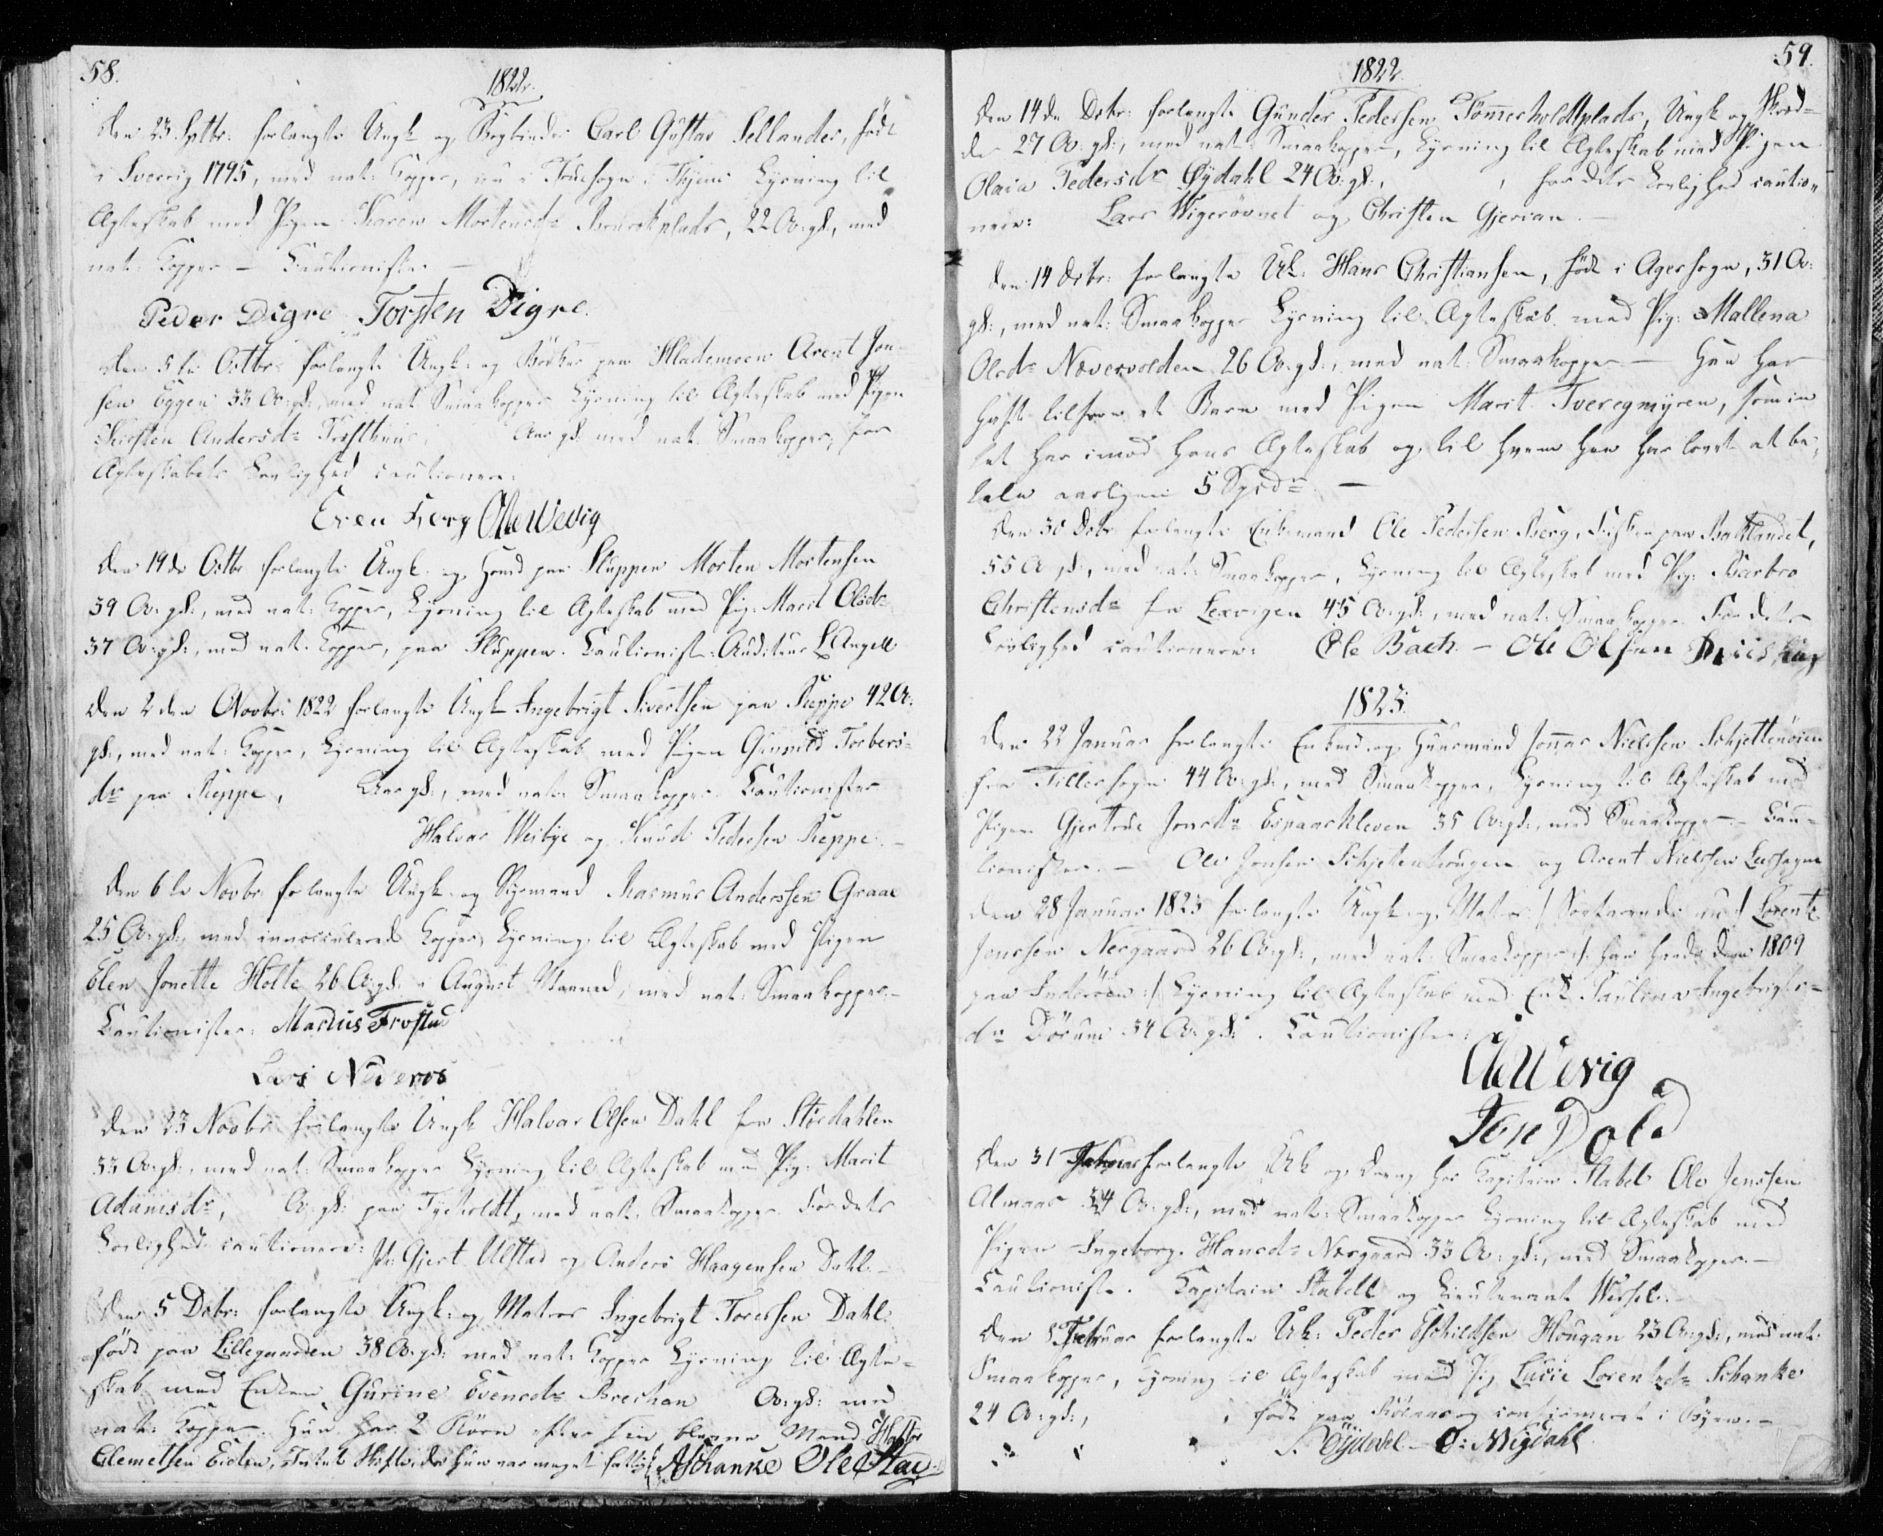 SAT, Ministerialprotokoller, klokkerbøker og fødselsregistre - Sør-Trøndelag, 606/L0295: Lysningsprotokoll nr. 606A10, 1815-1833, s. 58-59